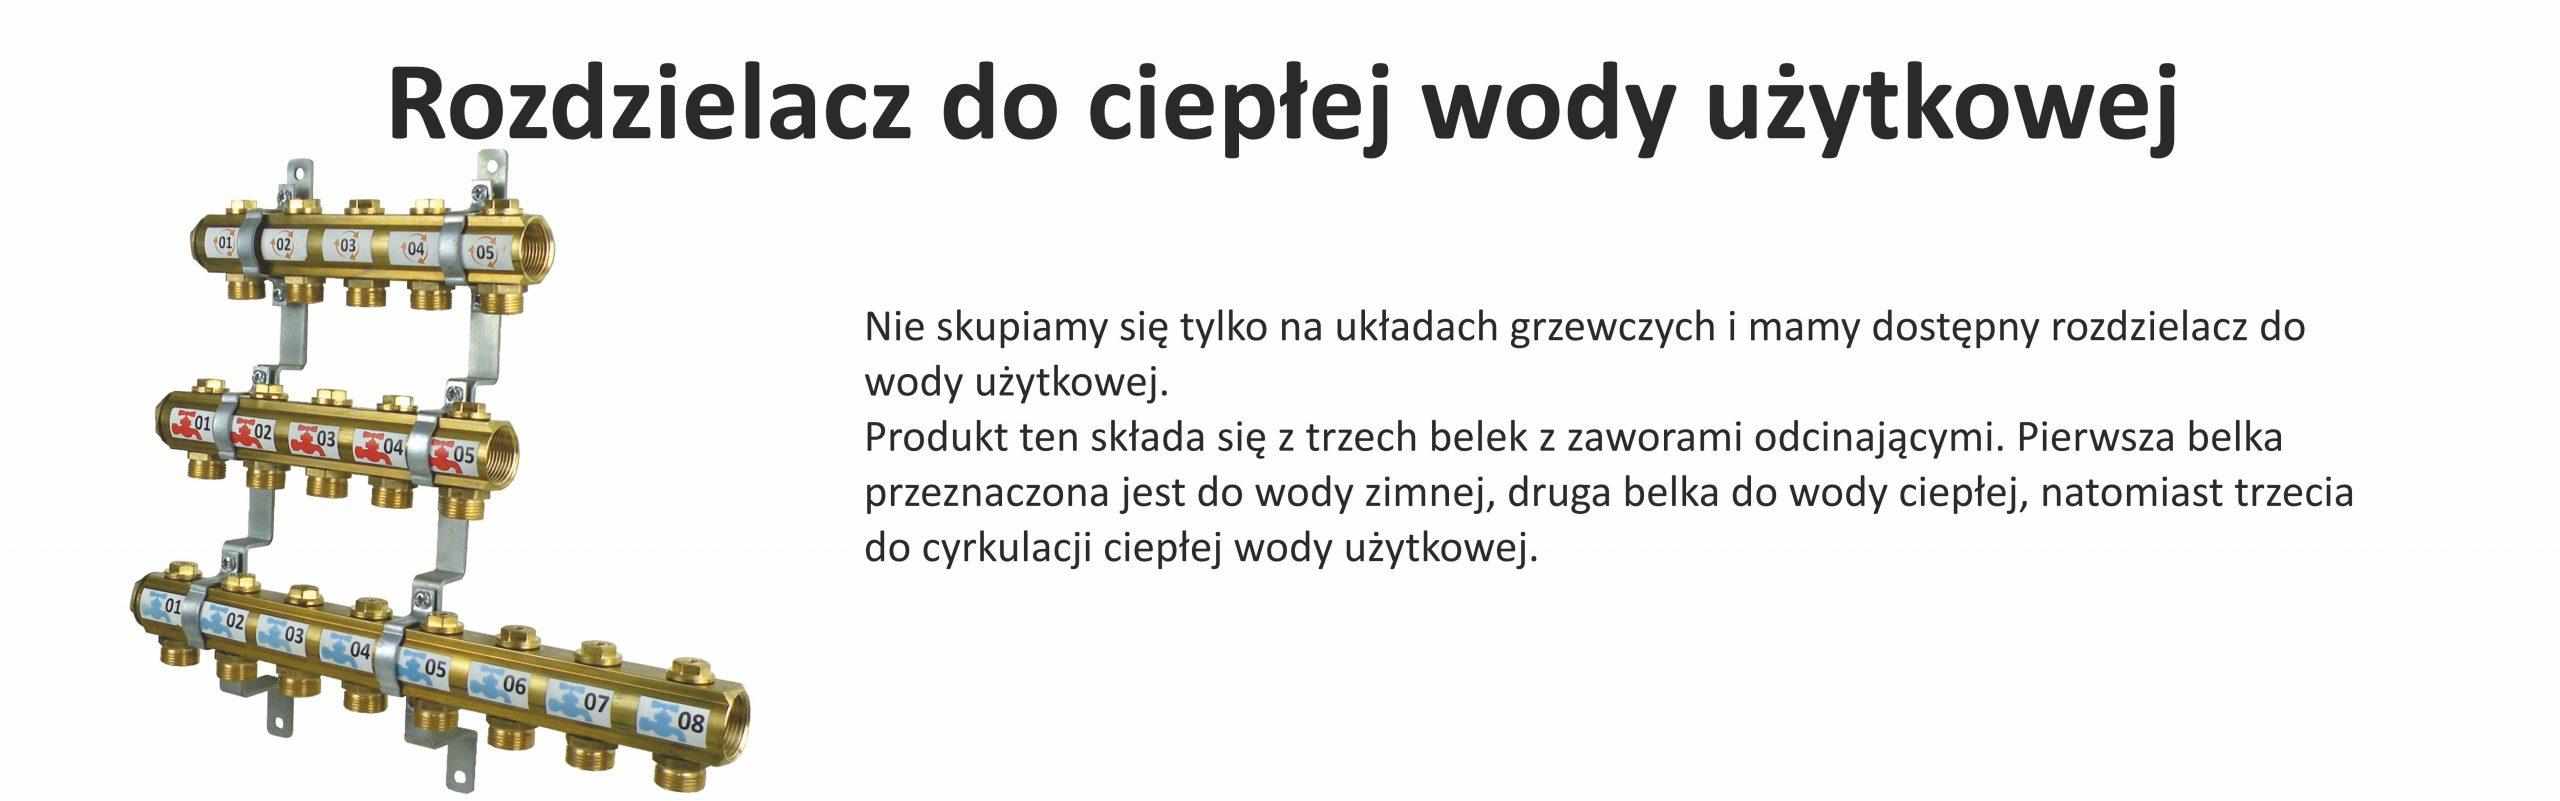 RZT Technika Grzewcza - o firmie 10